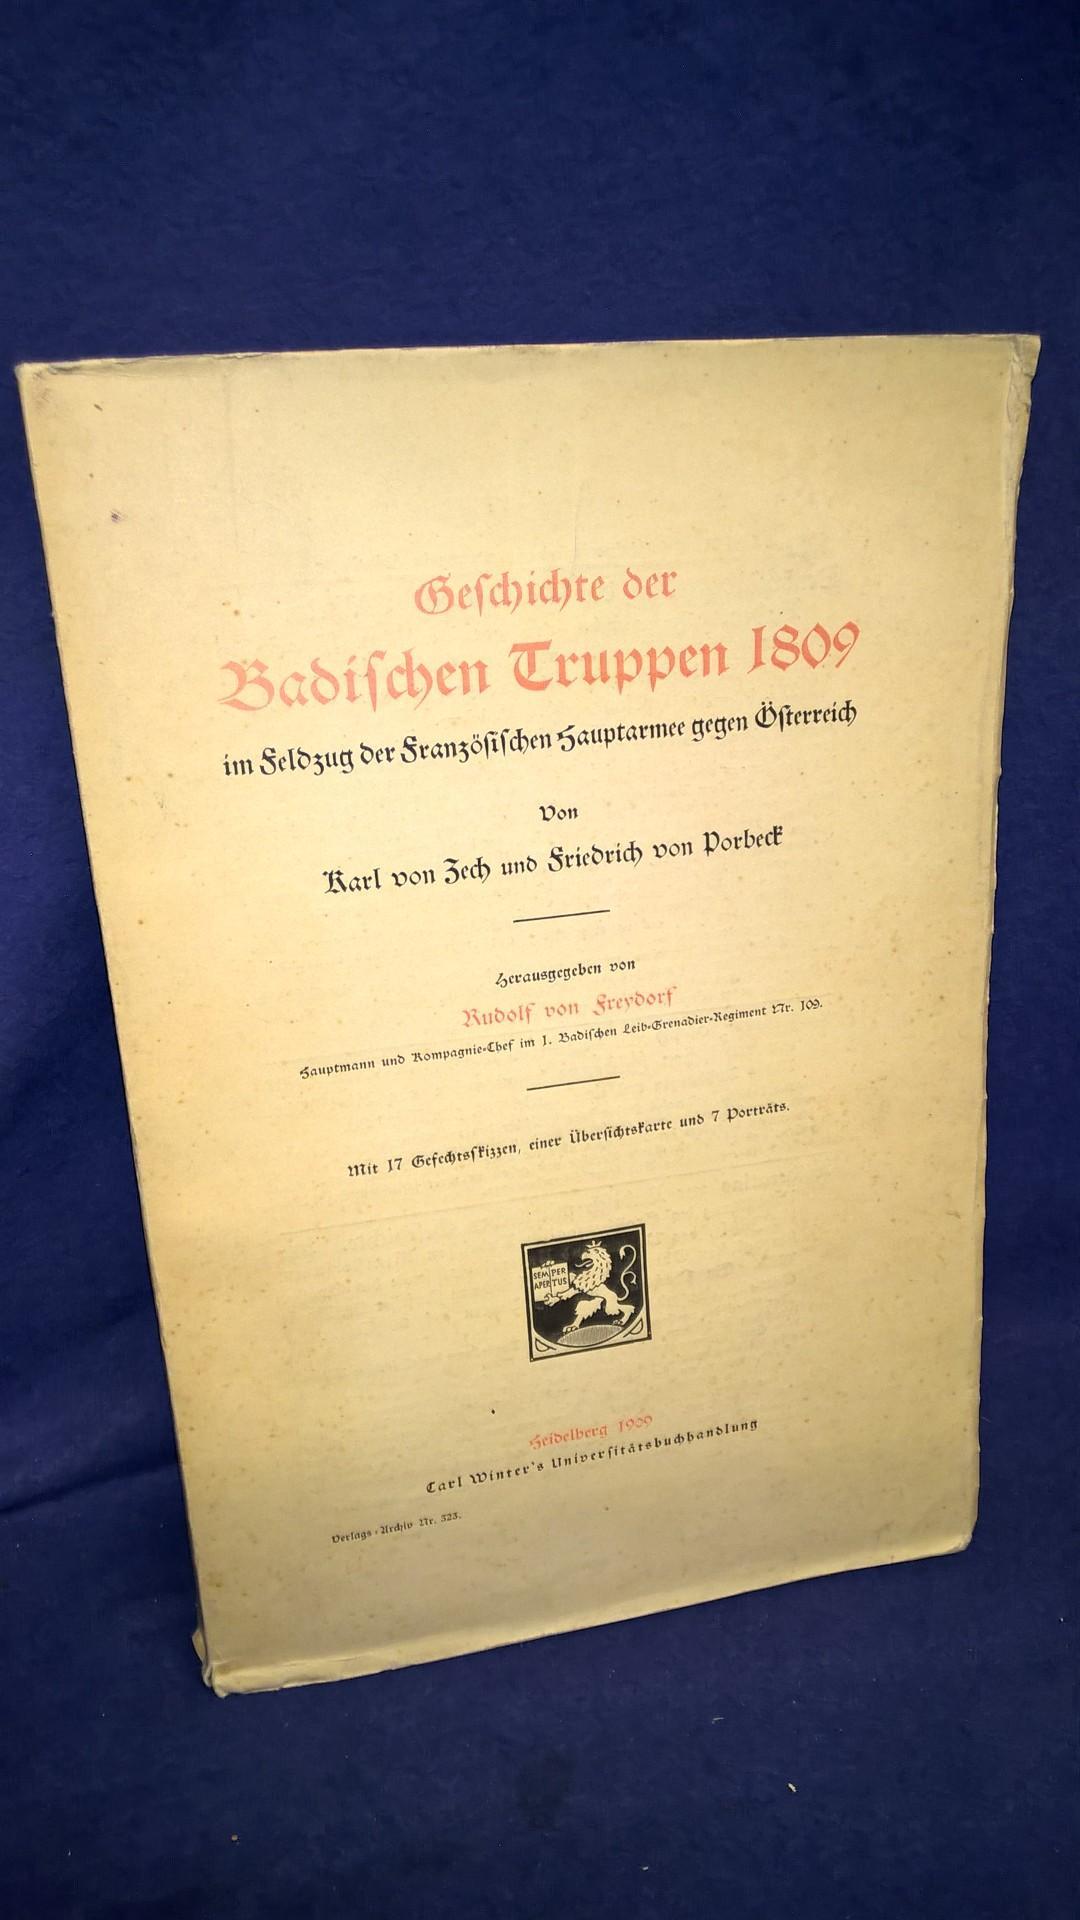 Geschichte der Badischen Truppen 1809. Im Feldzug der französischen Hauptarmee gegen Österreich.